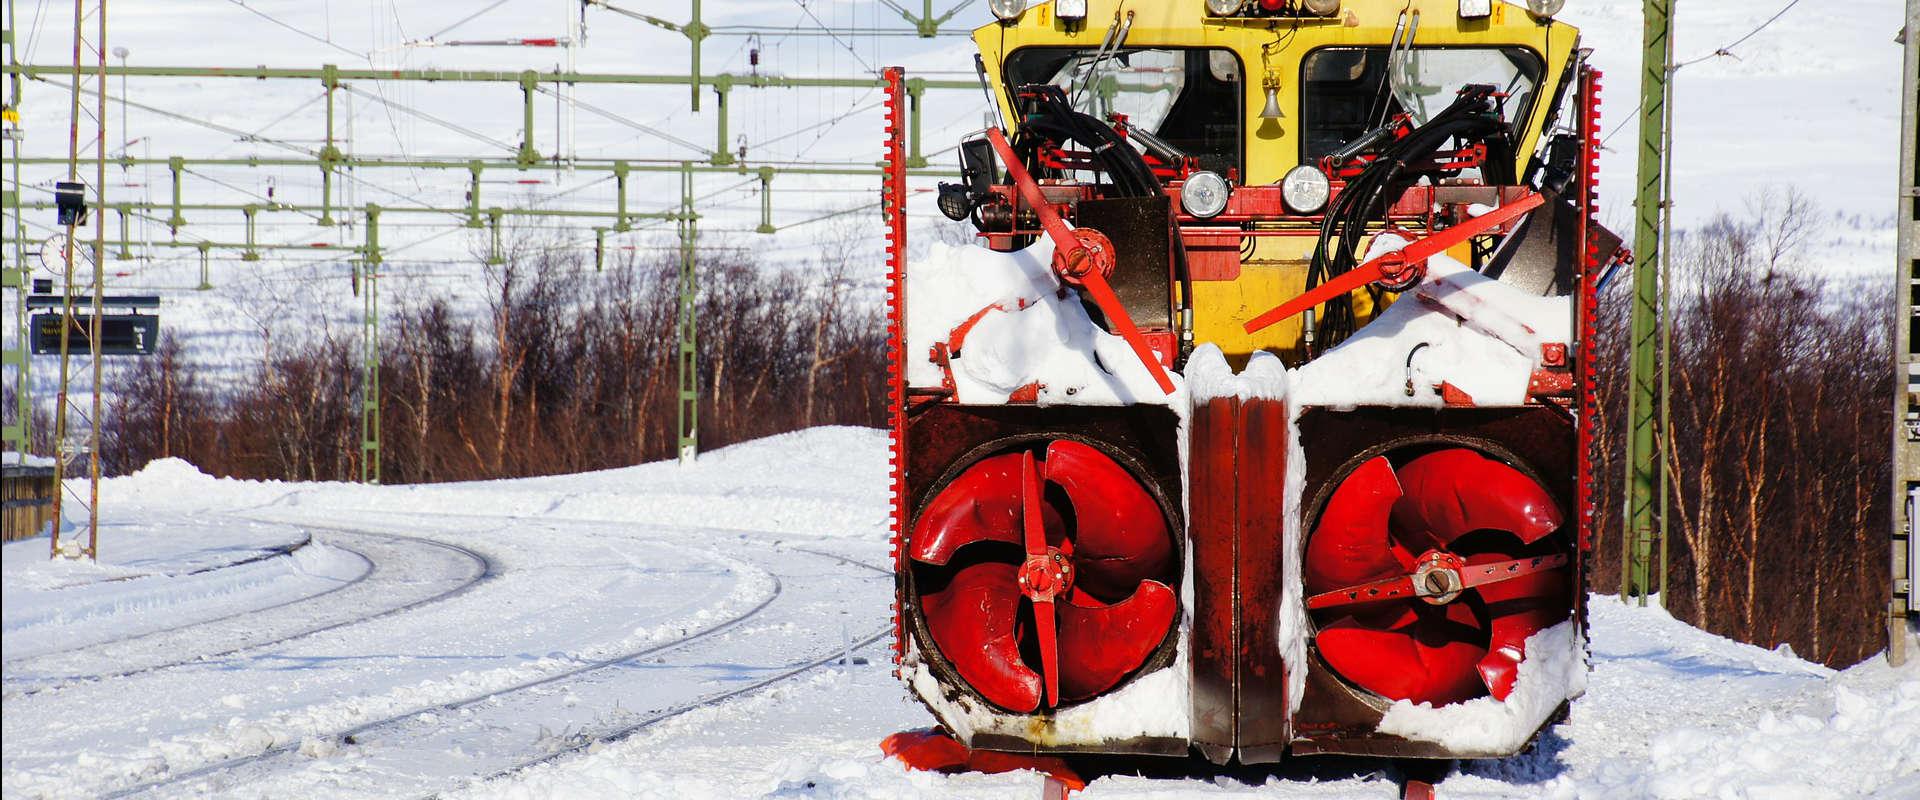 Souffleur, tracteur et équipement industriel